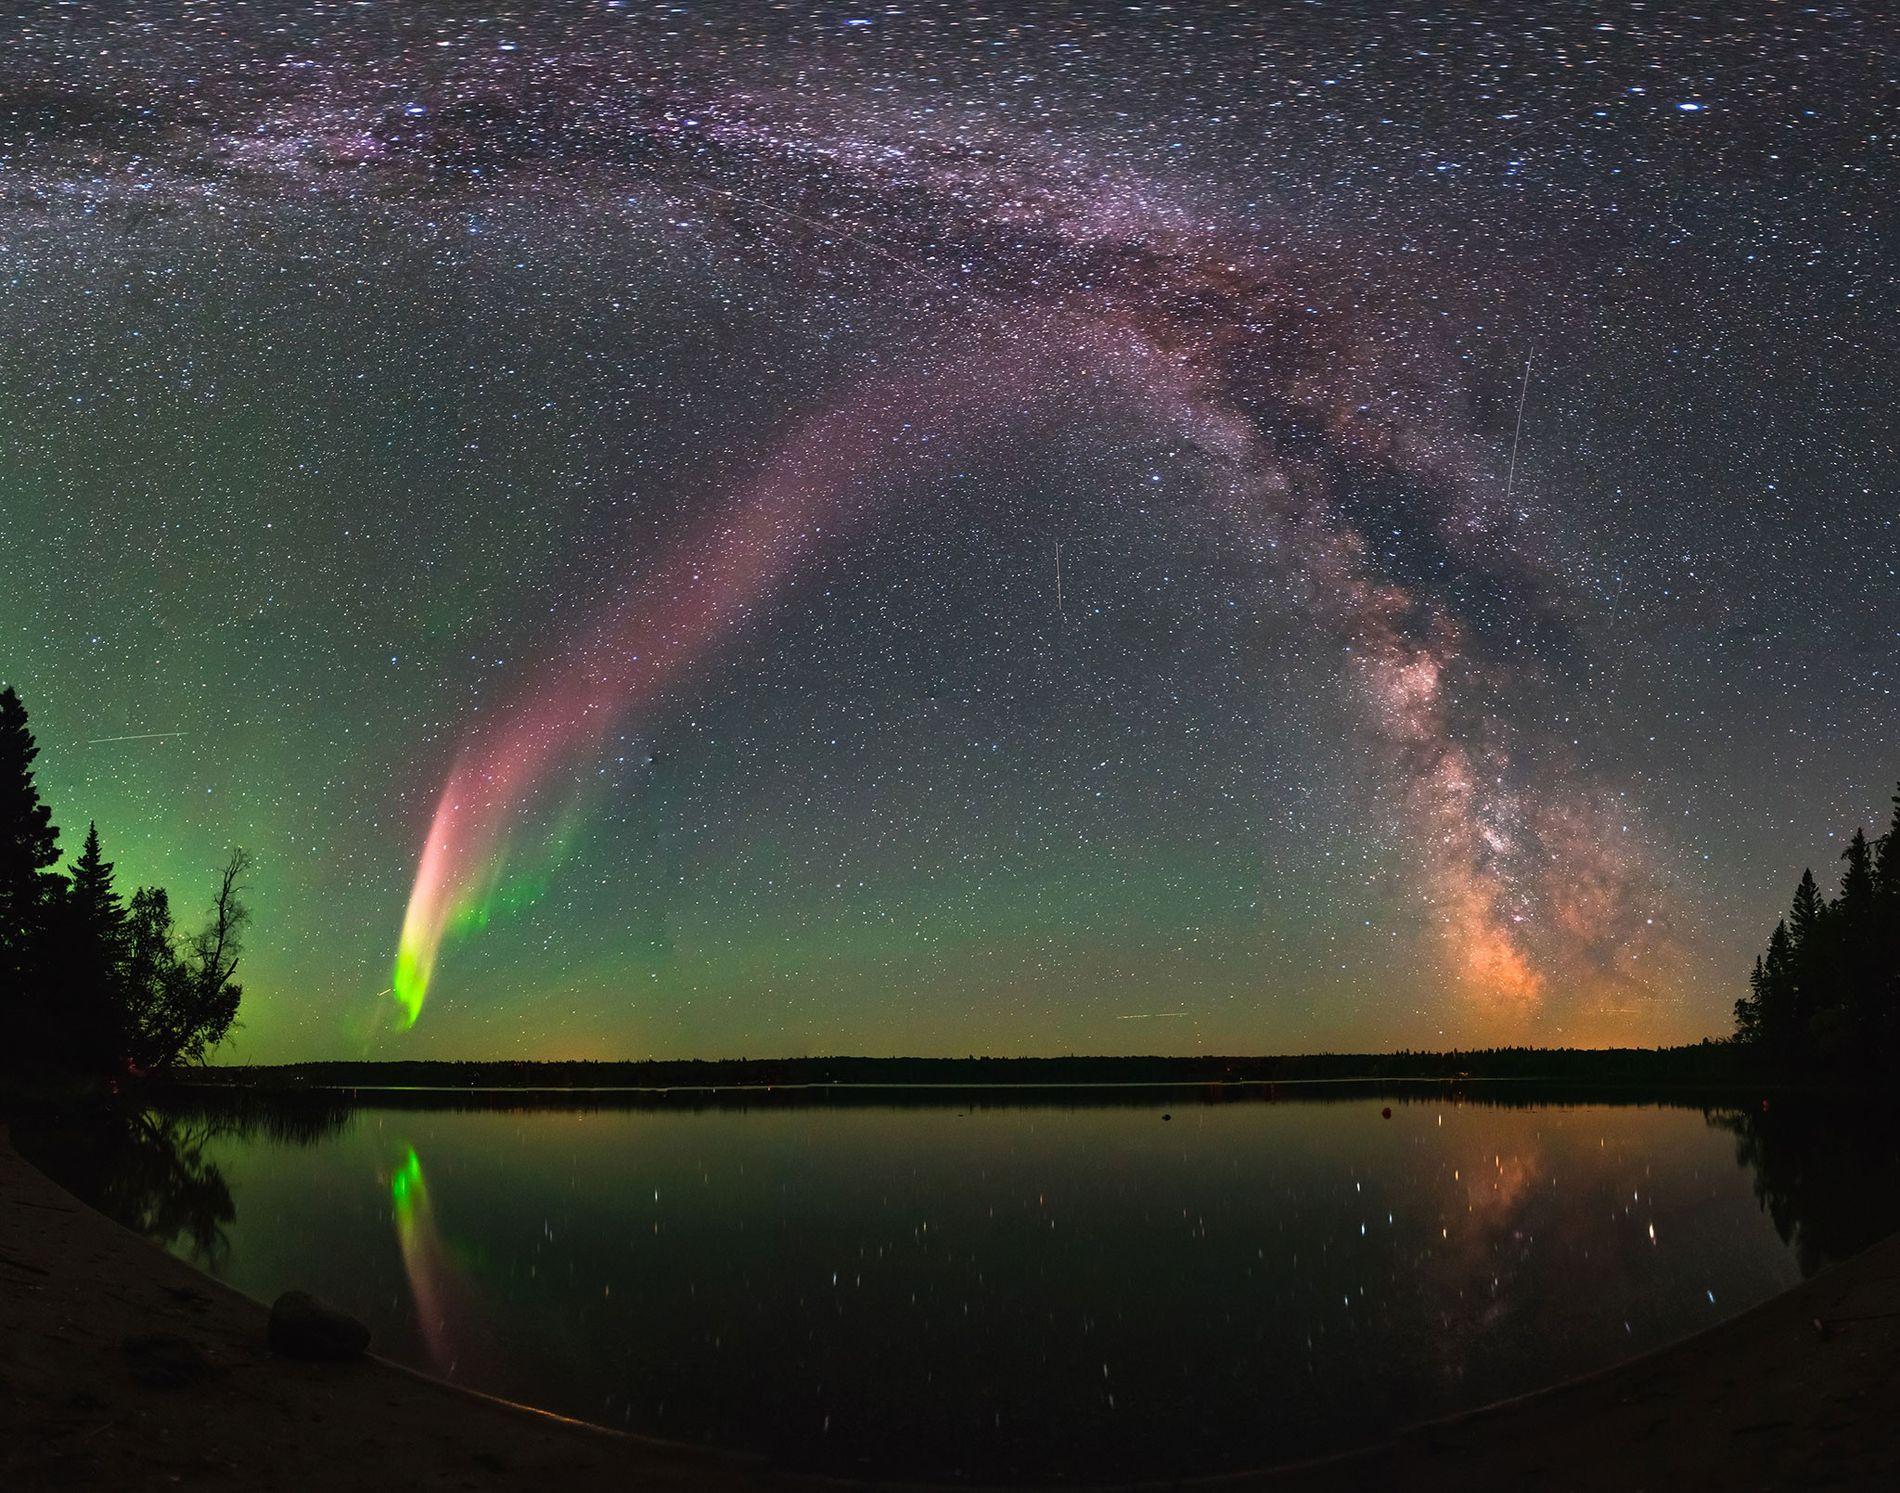 STEVE und die Milchstraße über dem Childs Lake in Manitoba, Kanada.